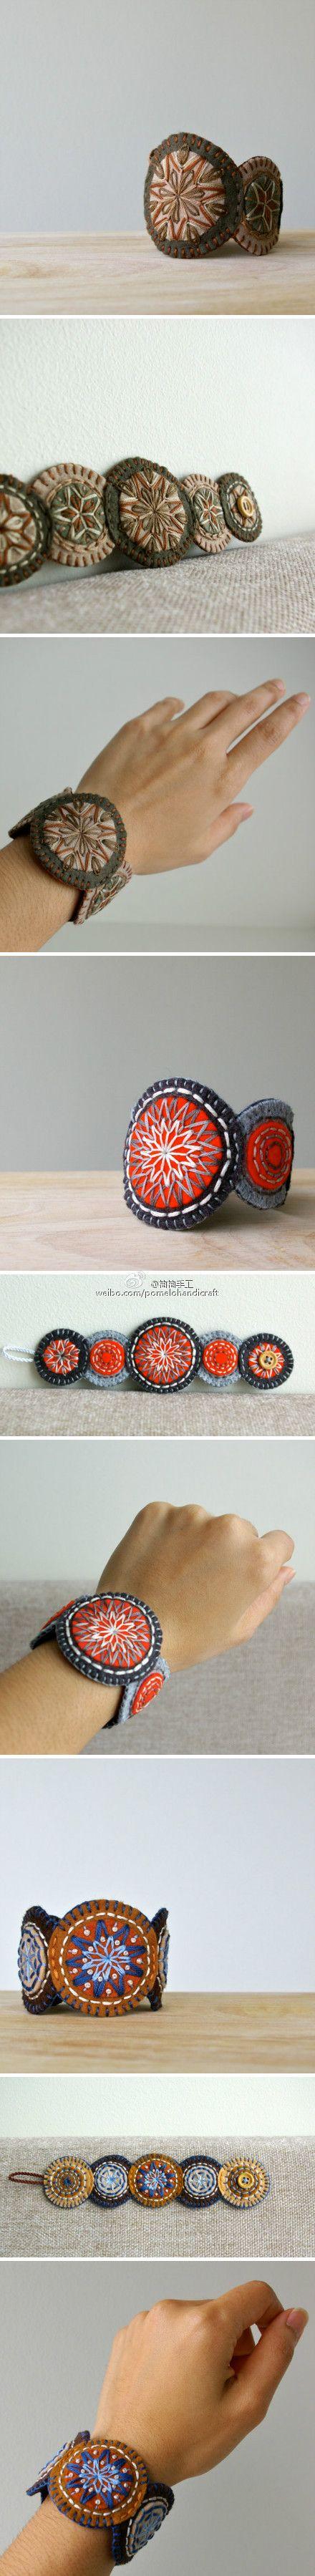 wool penny cuff bracelet!